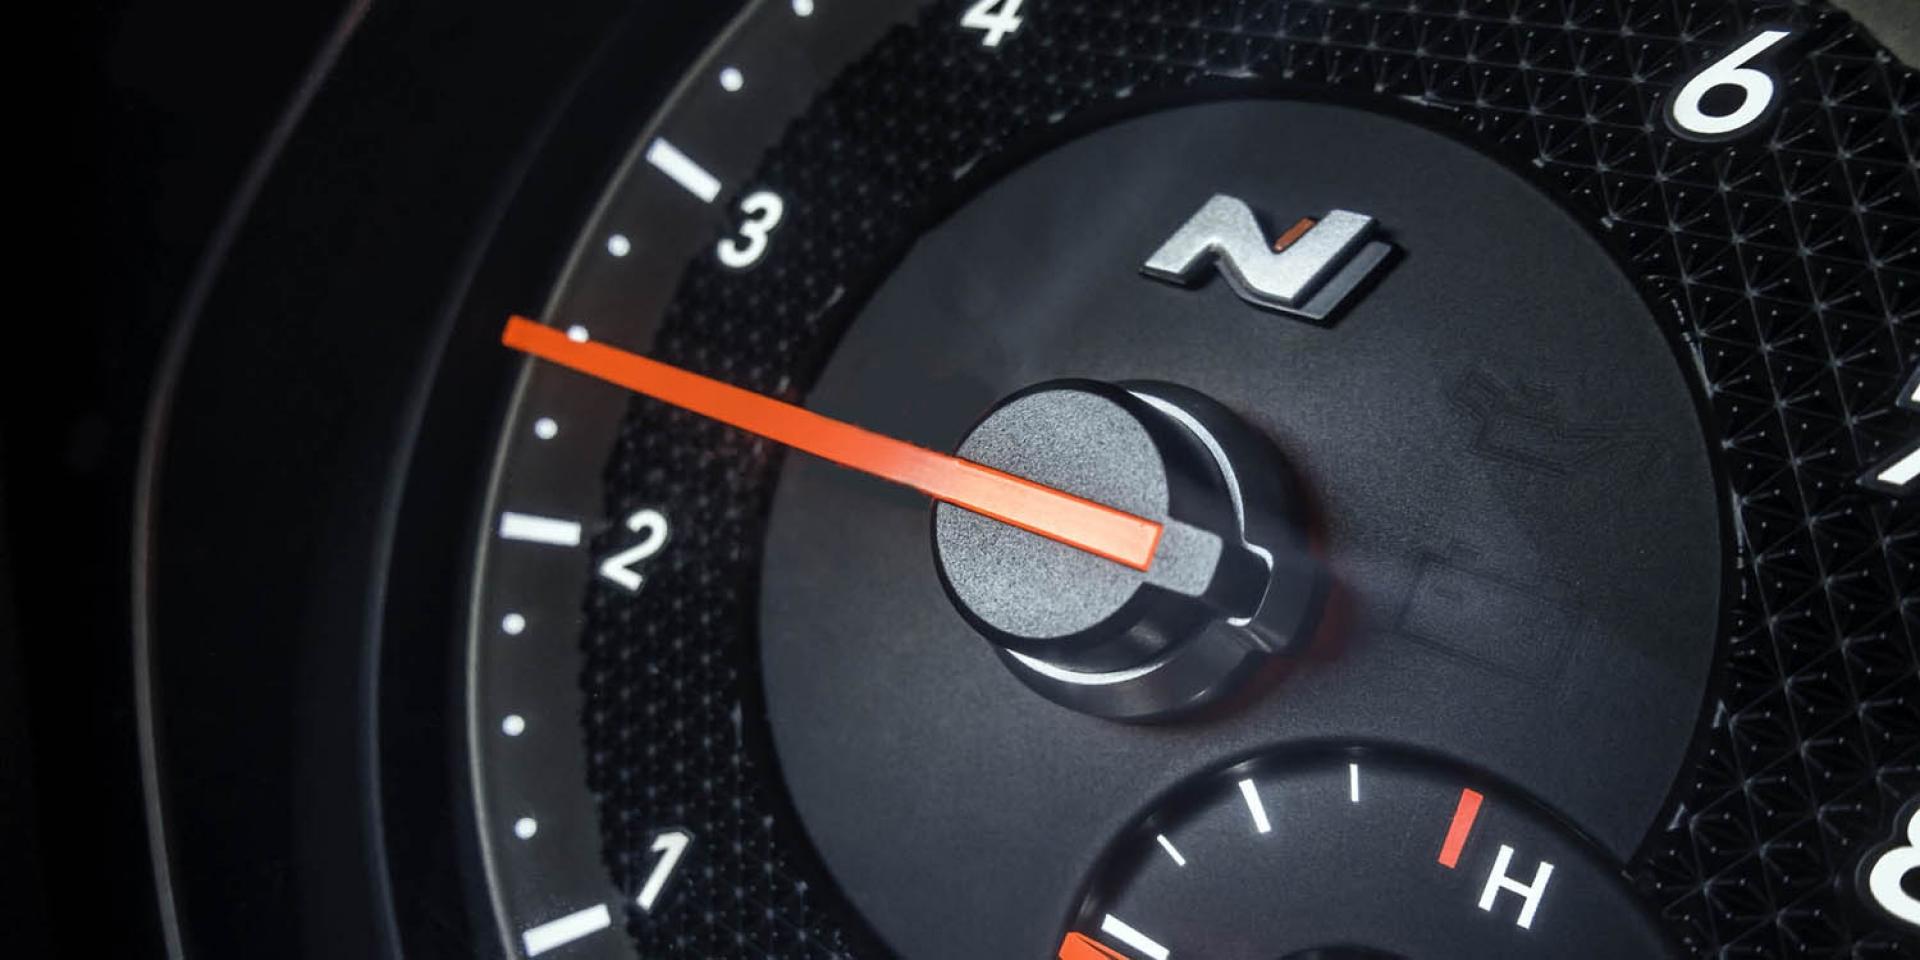 挖角大作戰,Hyundai性能部門又找了一位BMW M的頂尖人士